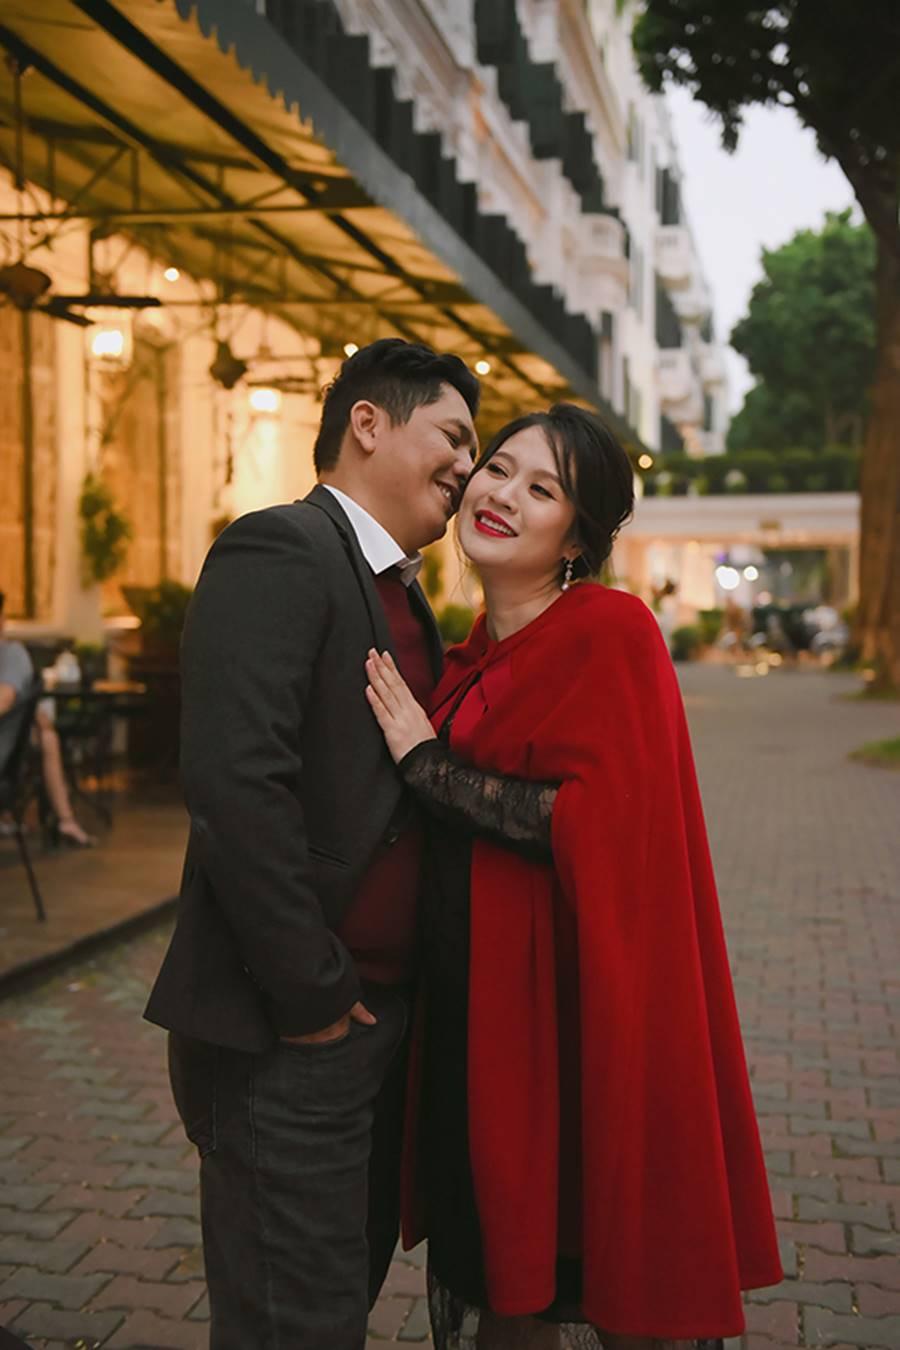 """Bà bầu"""" Thanh Thúy đẹp rạng ngời cùng chồng dạo phố Hà Nội-1"""